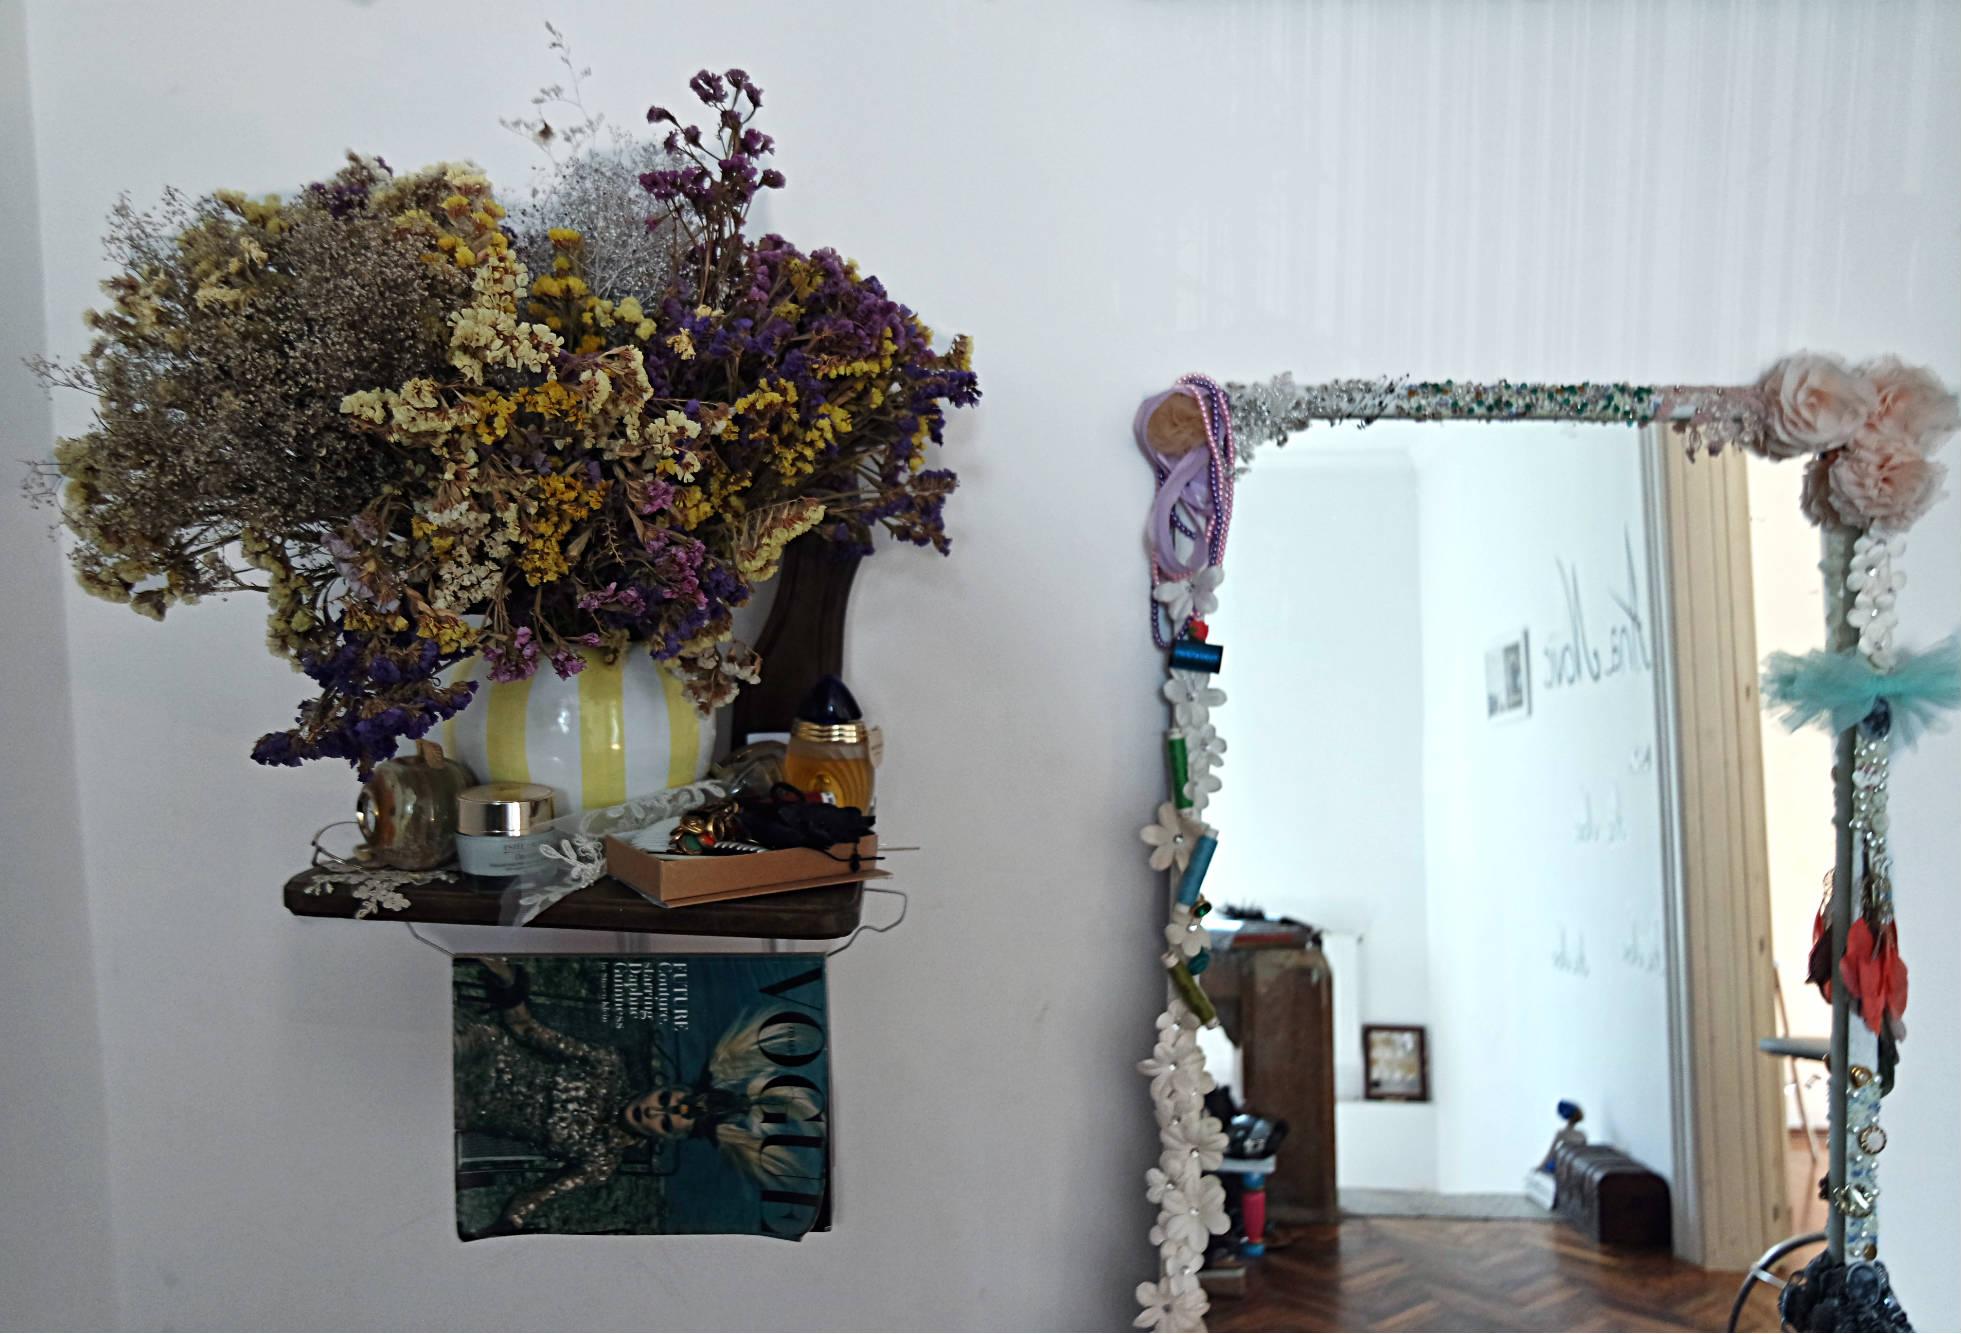 Scaunul este unul vintage, pe care l-am tăiat și l-am înșurubat în perete. Oglina este făcută manual de Ana cu diverse obiecte pe care le-am găsit prin atelier. :)